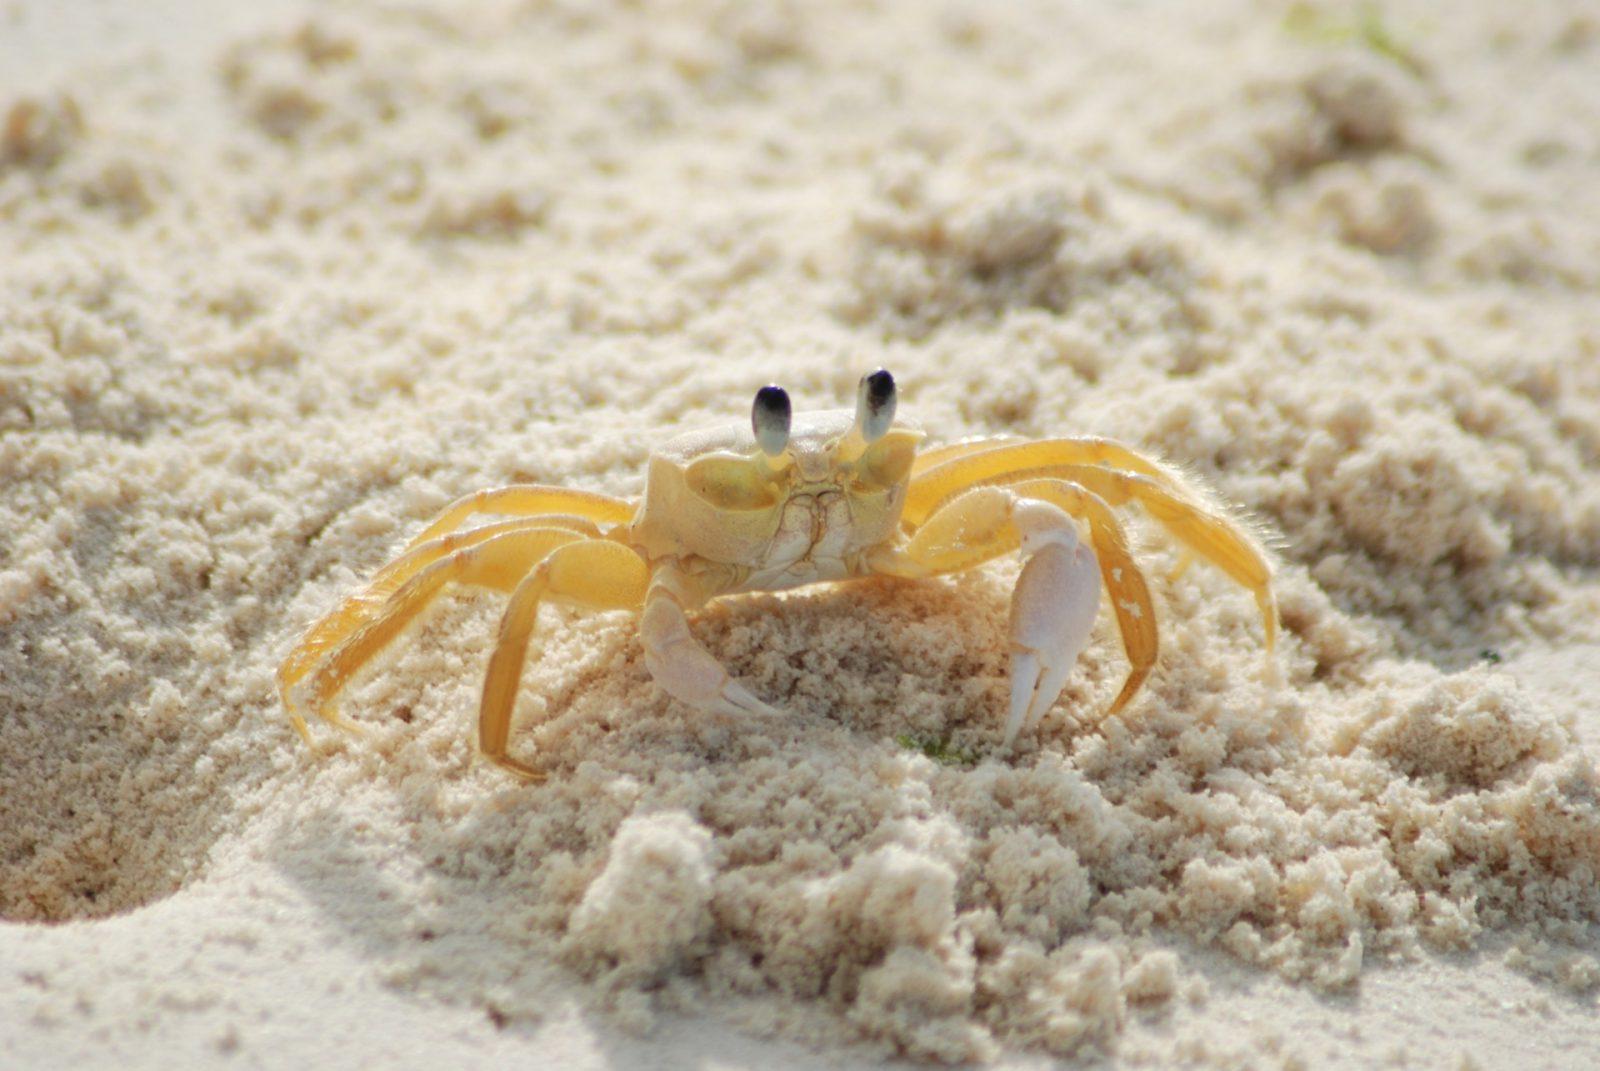 O caranguejo possui muitas características e detalhes na sua estrutura.